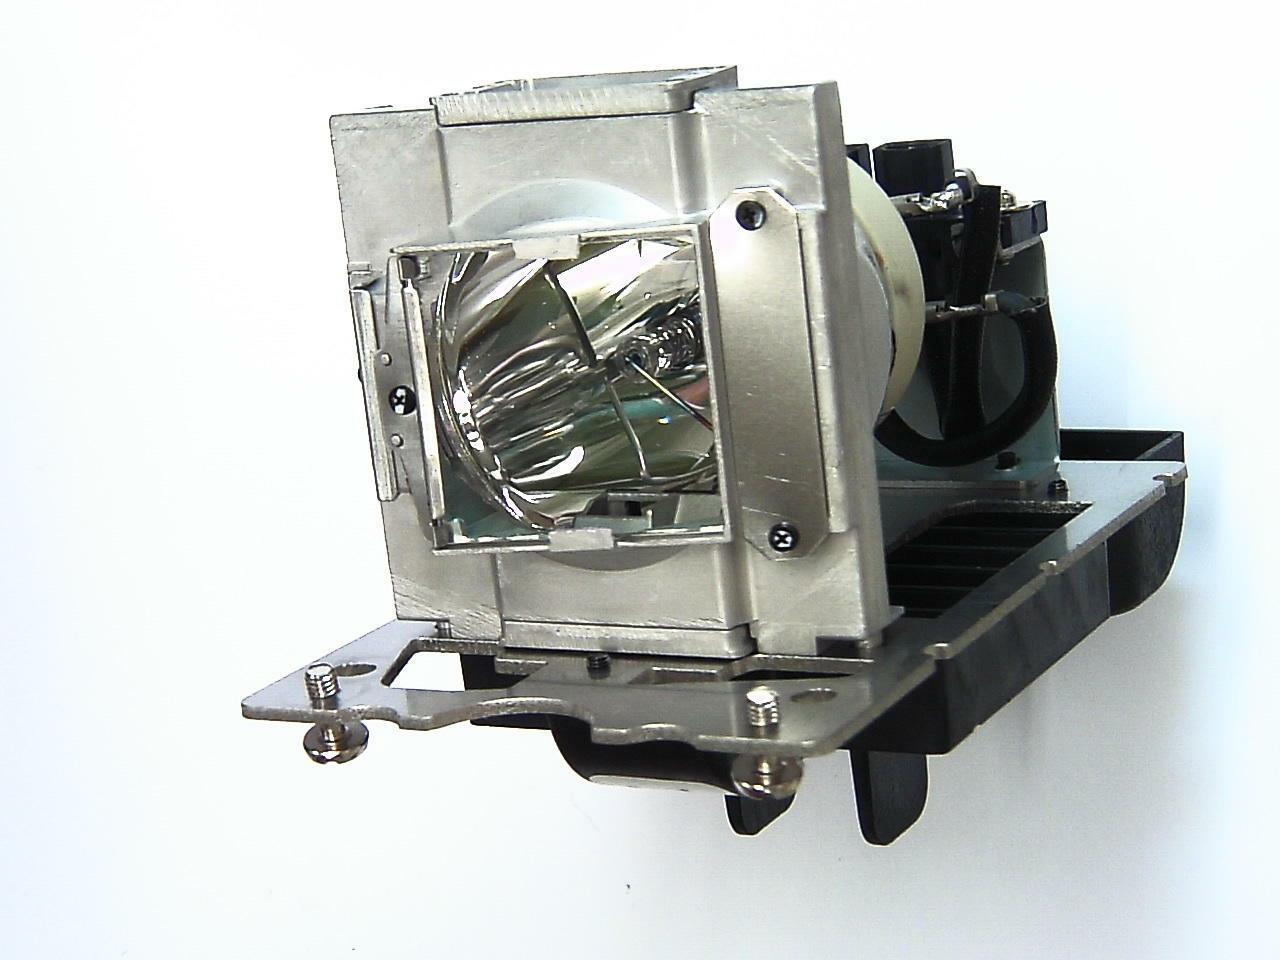 Original Dual Lámpara For DIGITAL PROJECTION TITAN SUPER QUAD (Dual) Proyector.